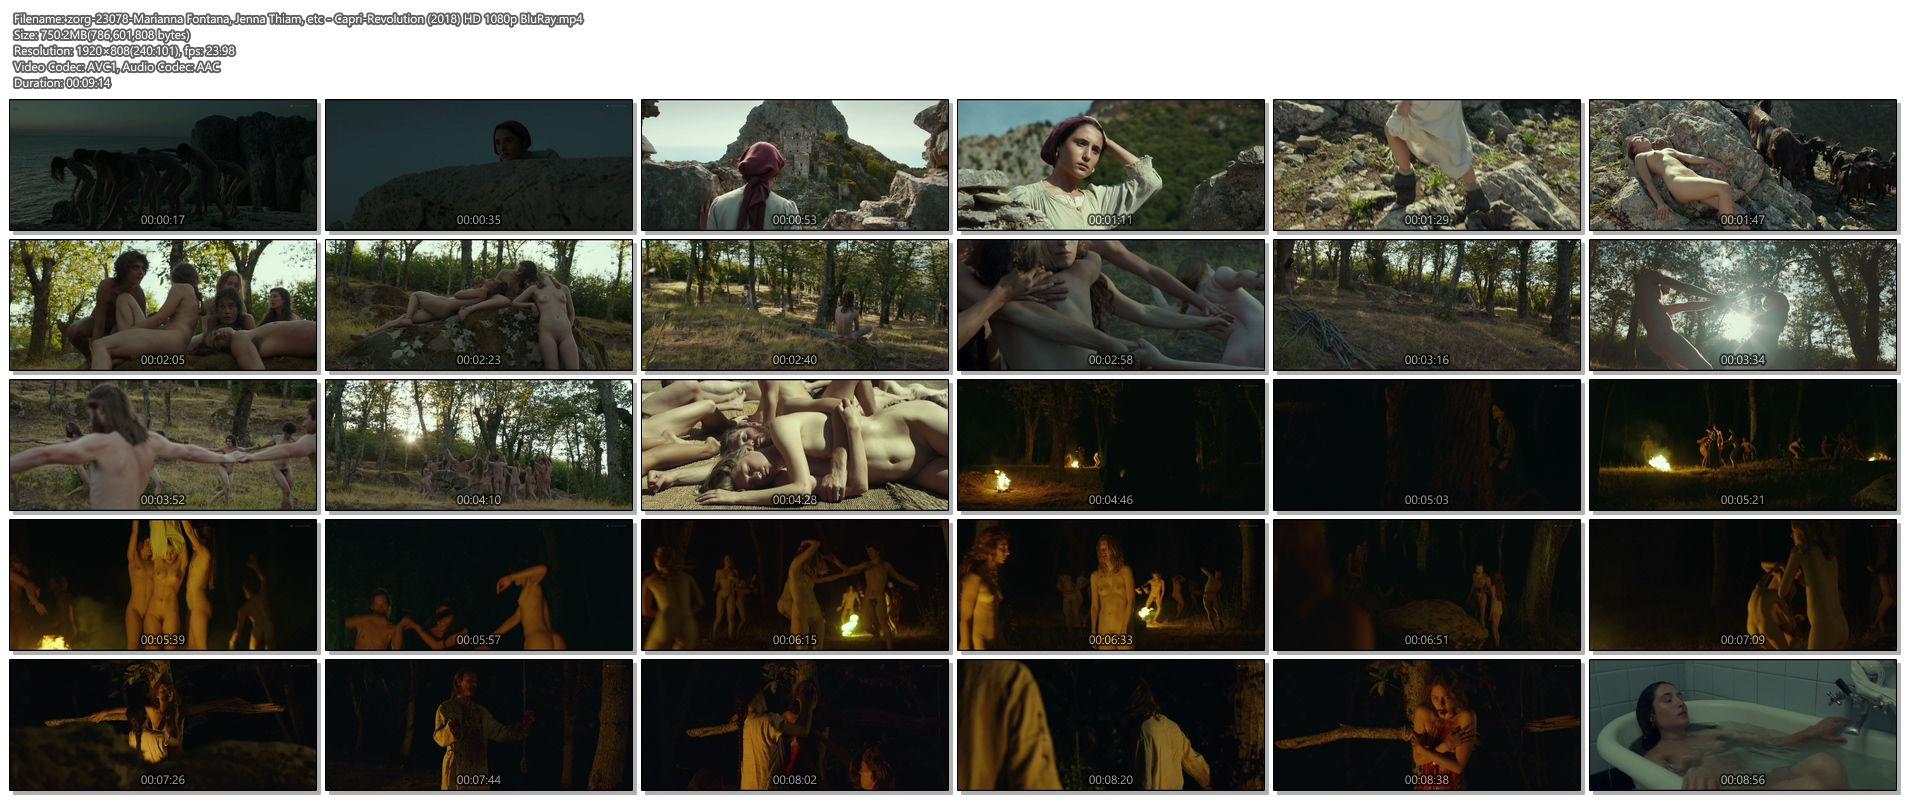 Marianna Fontana nude full frontal Jenna Thiam others nude - Capri-Revolution (2018) HD 1080p BluRay (1)